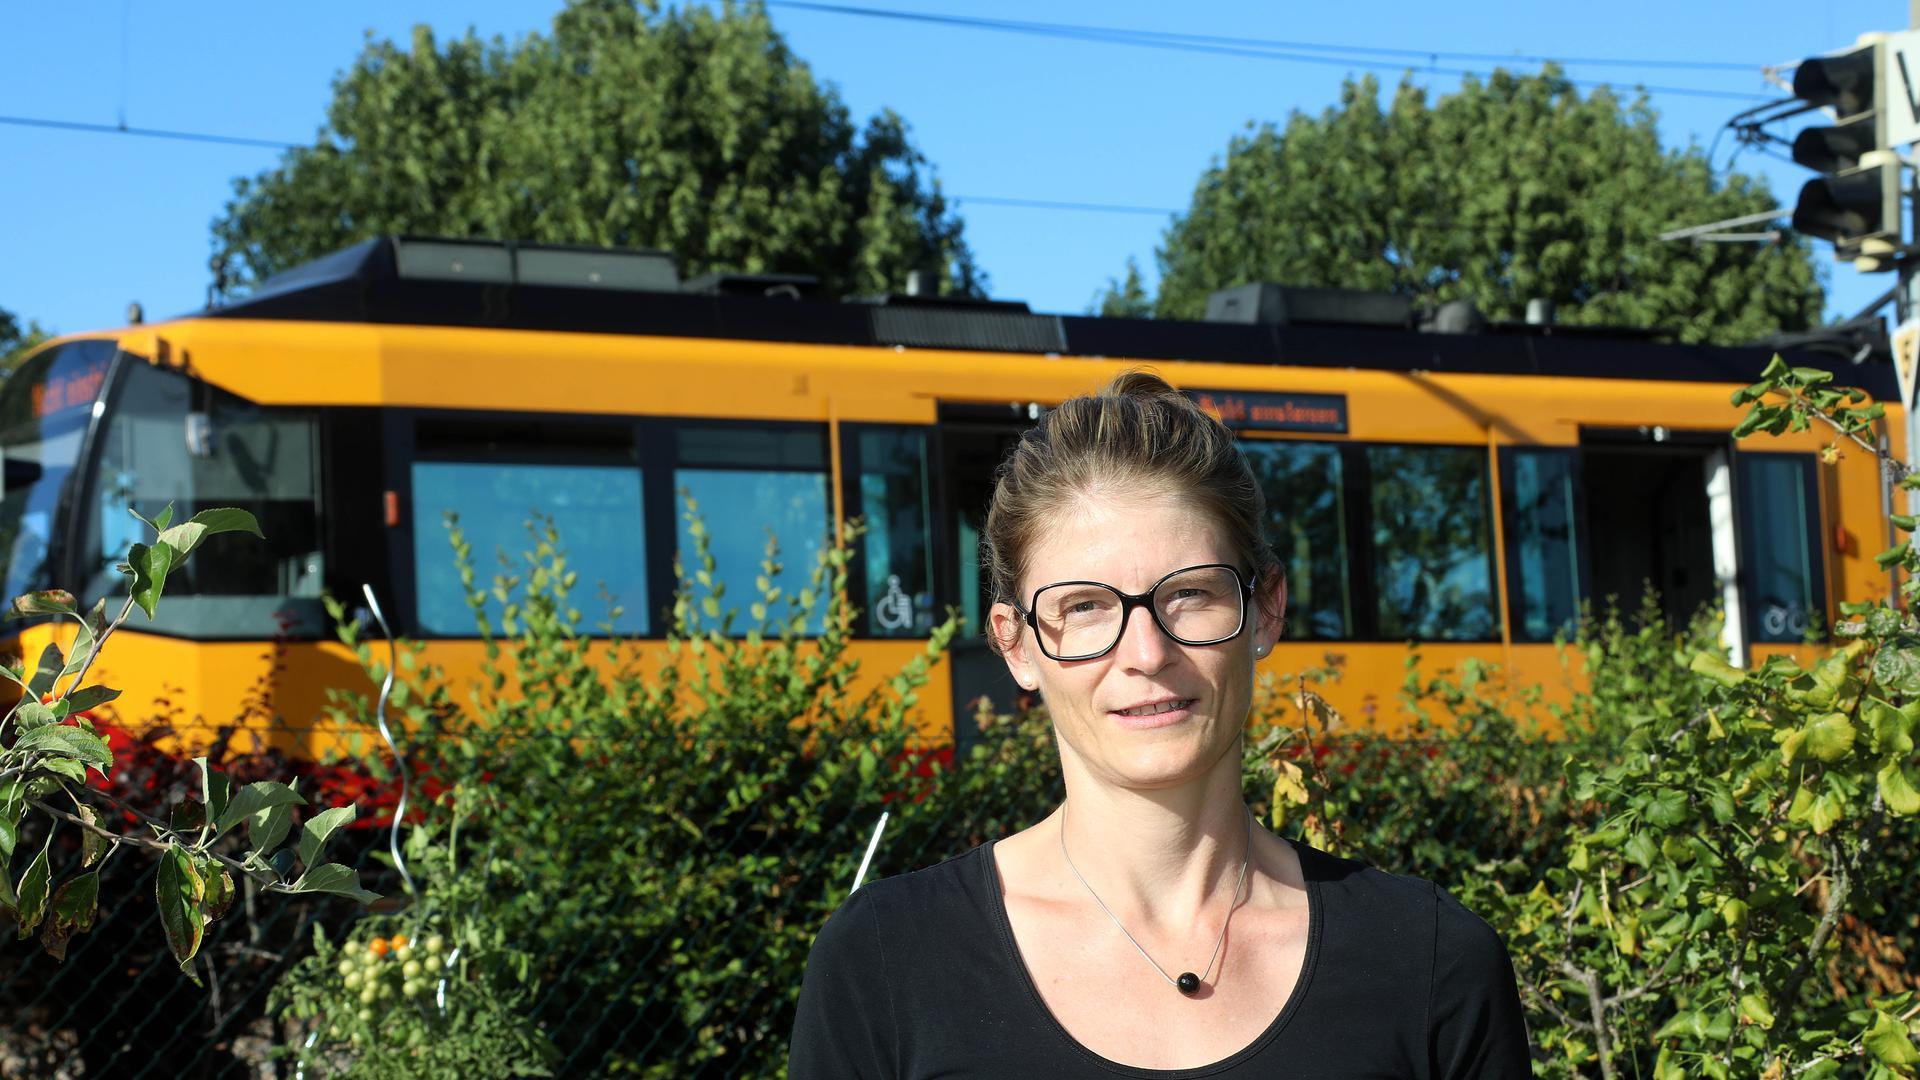 Geplagt vom Larm: Judith Hörmann klagt über den sehr nervenden Dauerton, der von den Aggregaten auf dem Dach der abgestellten Stadtbahn ausgeht und ihr am Wochenende keine Ruhe lässt.